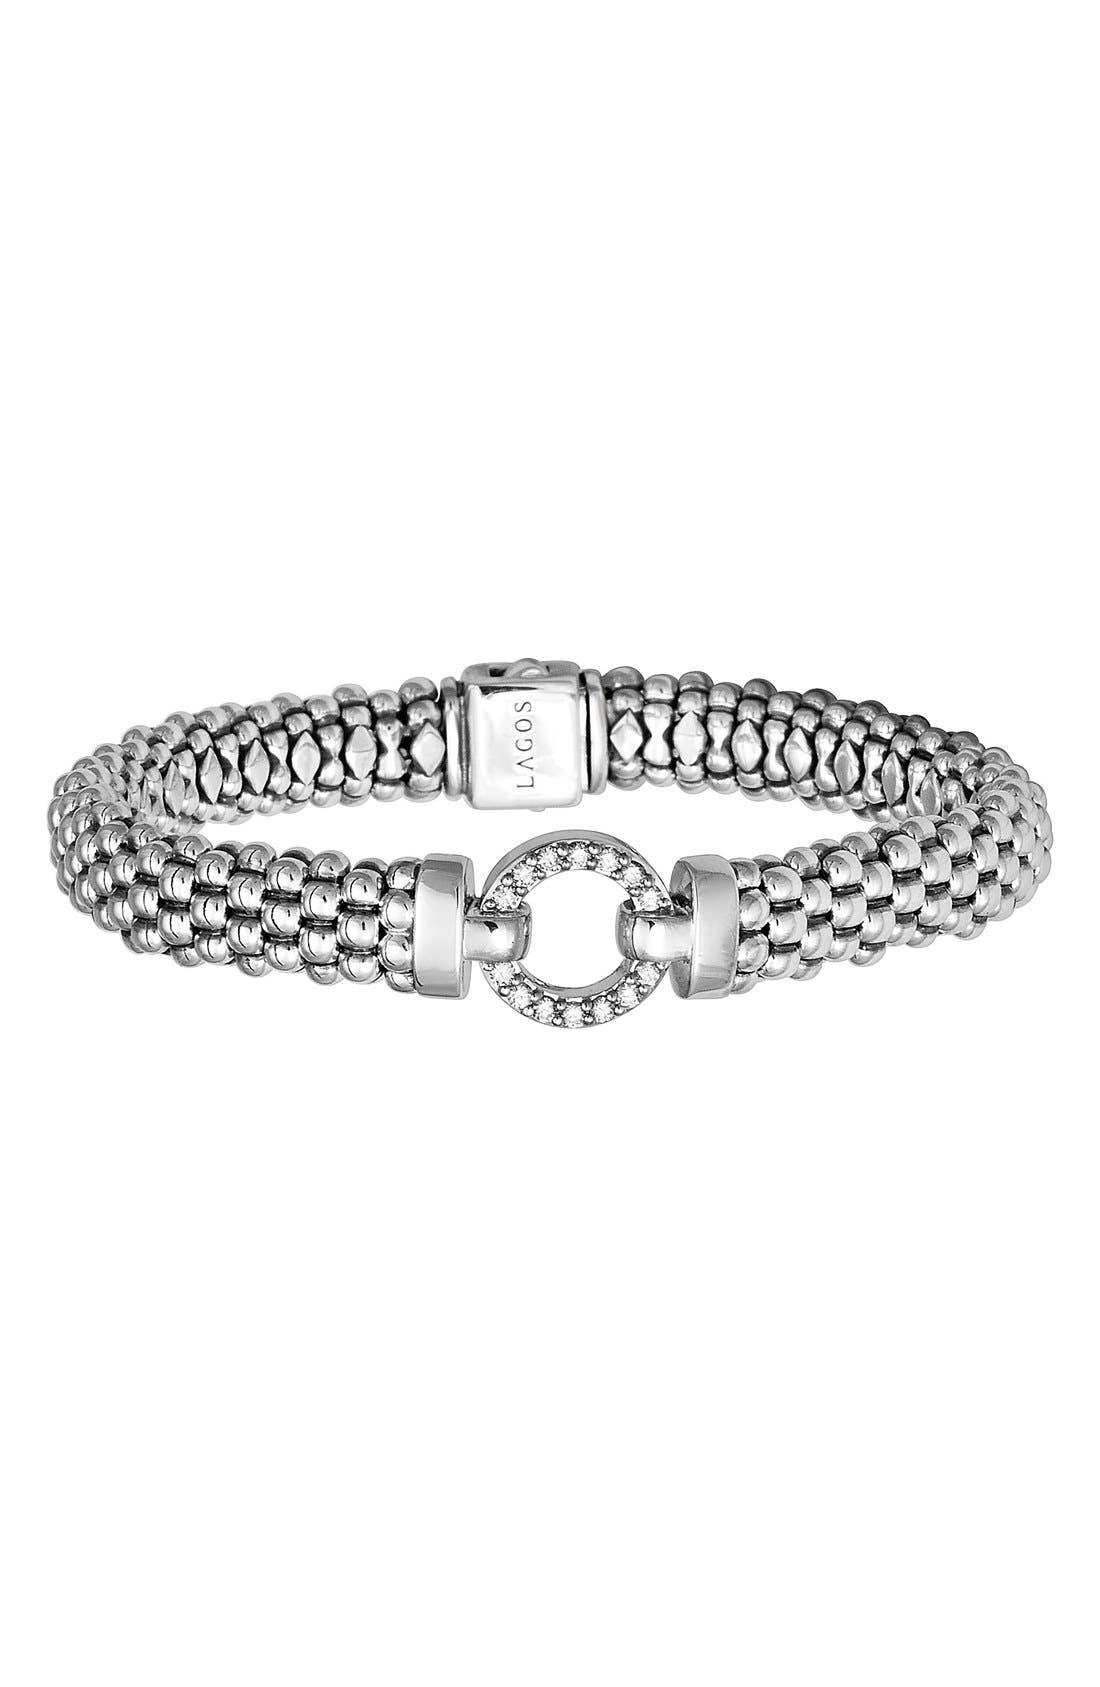 LAGOS Enso - Circle Game Diamond Caviar Rope Bracelet